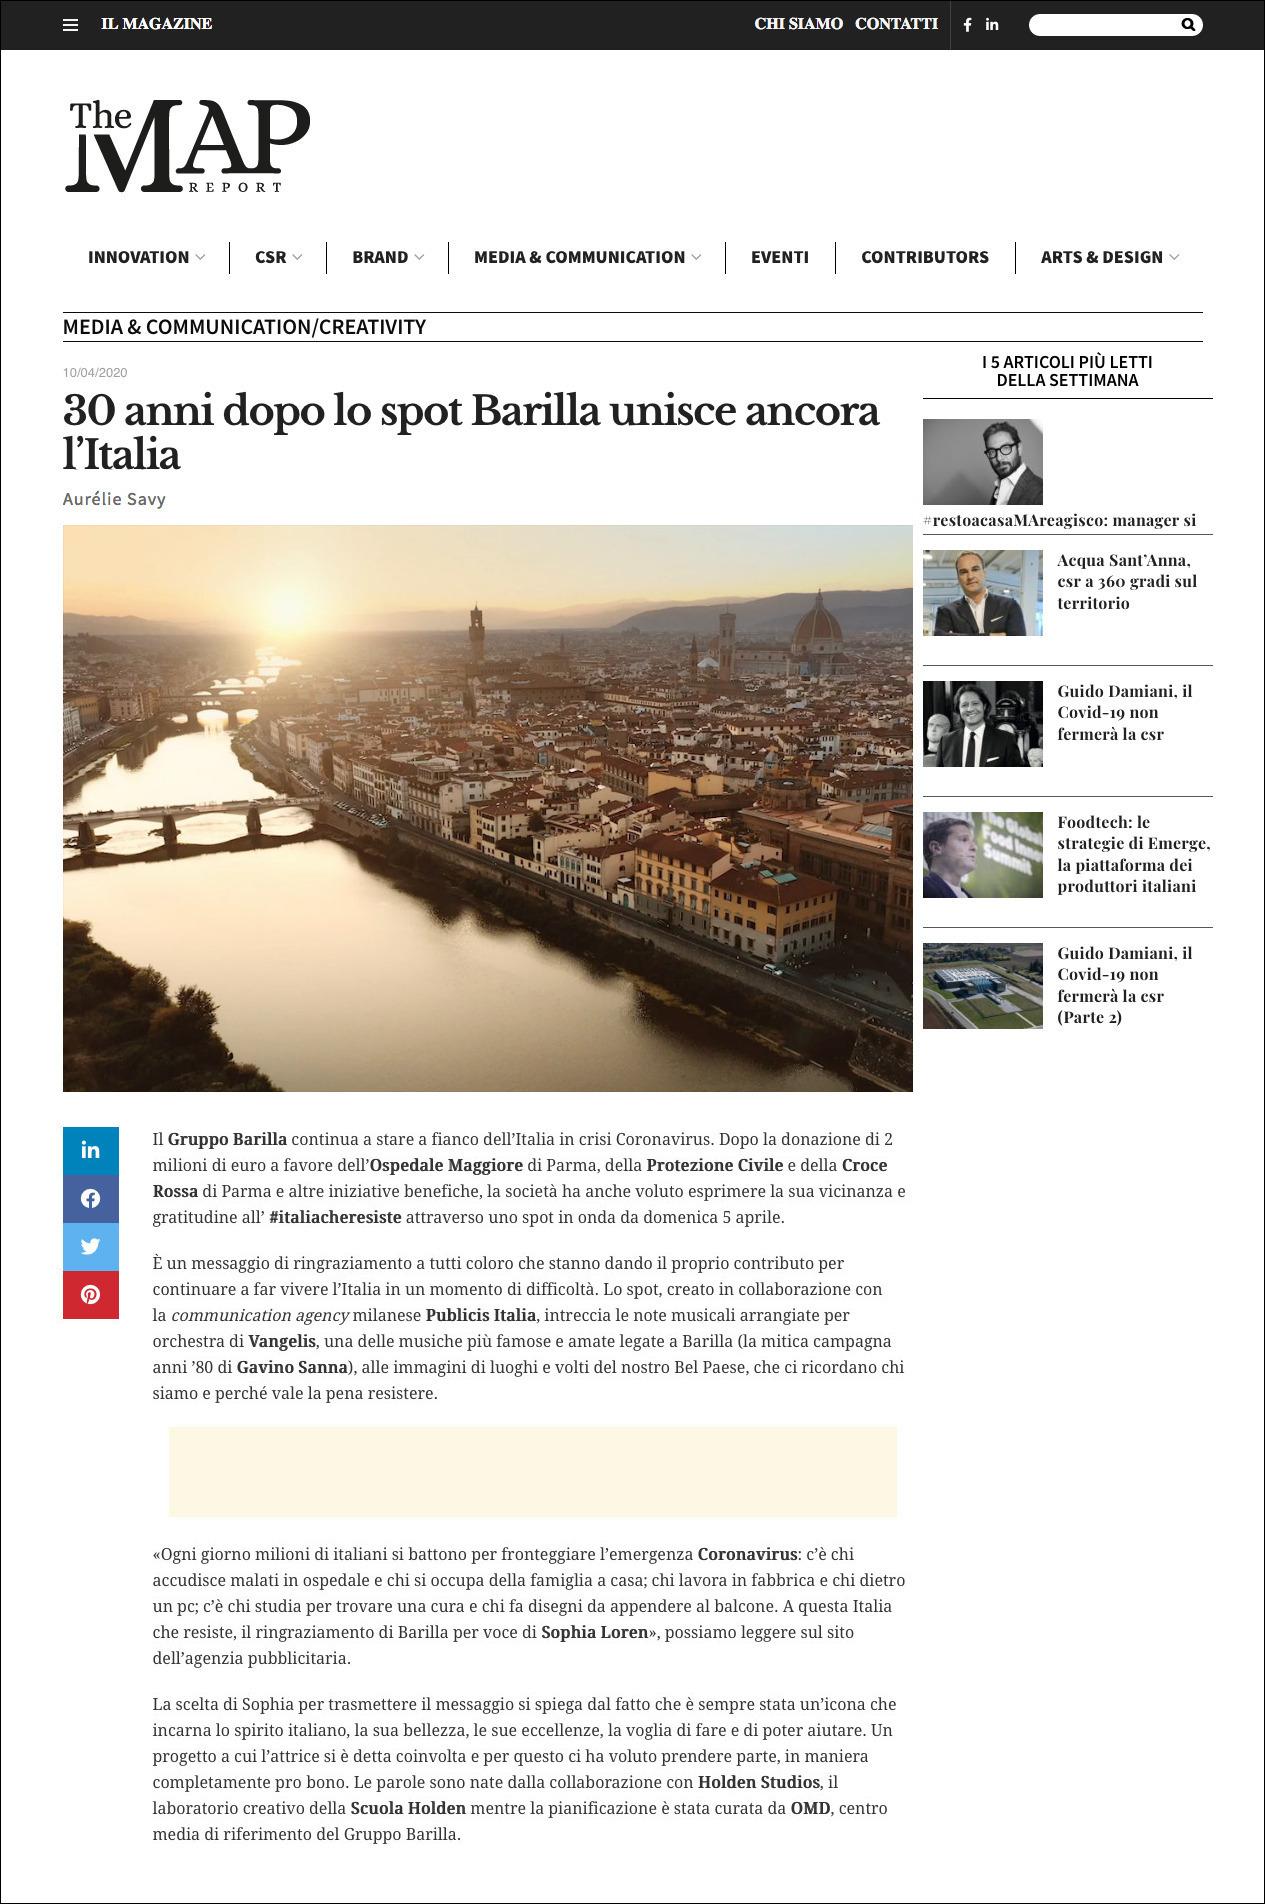 Aurélie Savy per The Map Report | 30 anni dopo lo spot Barilla unisce ancora l'Italia